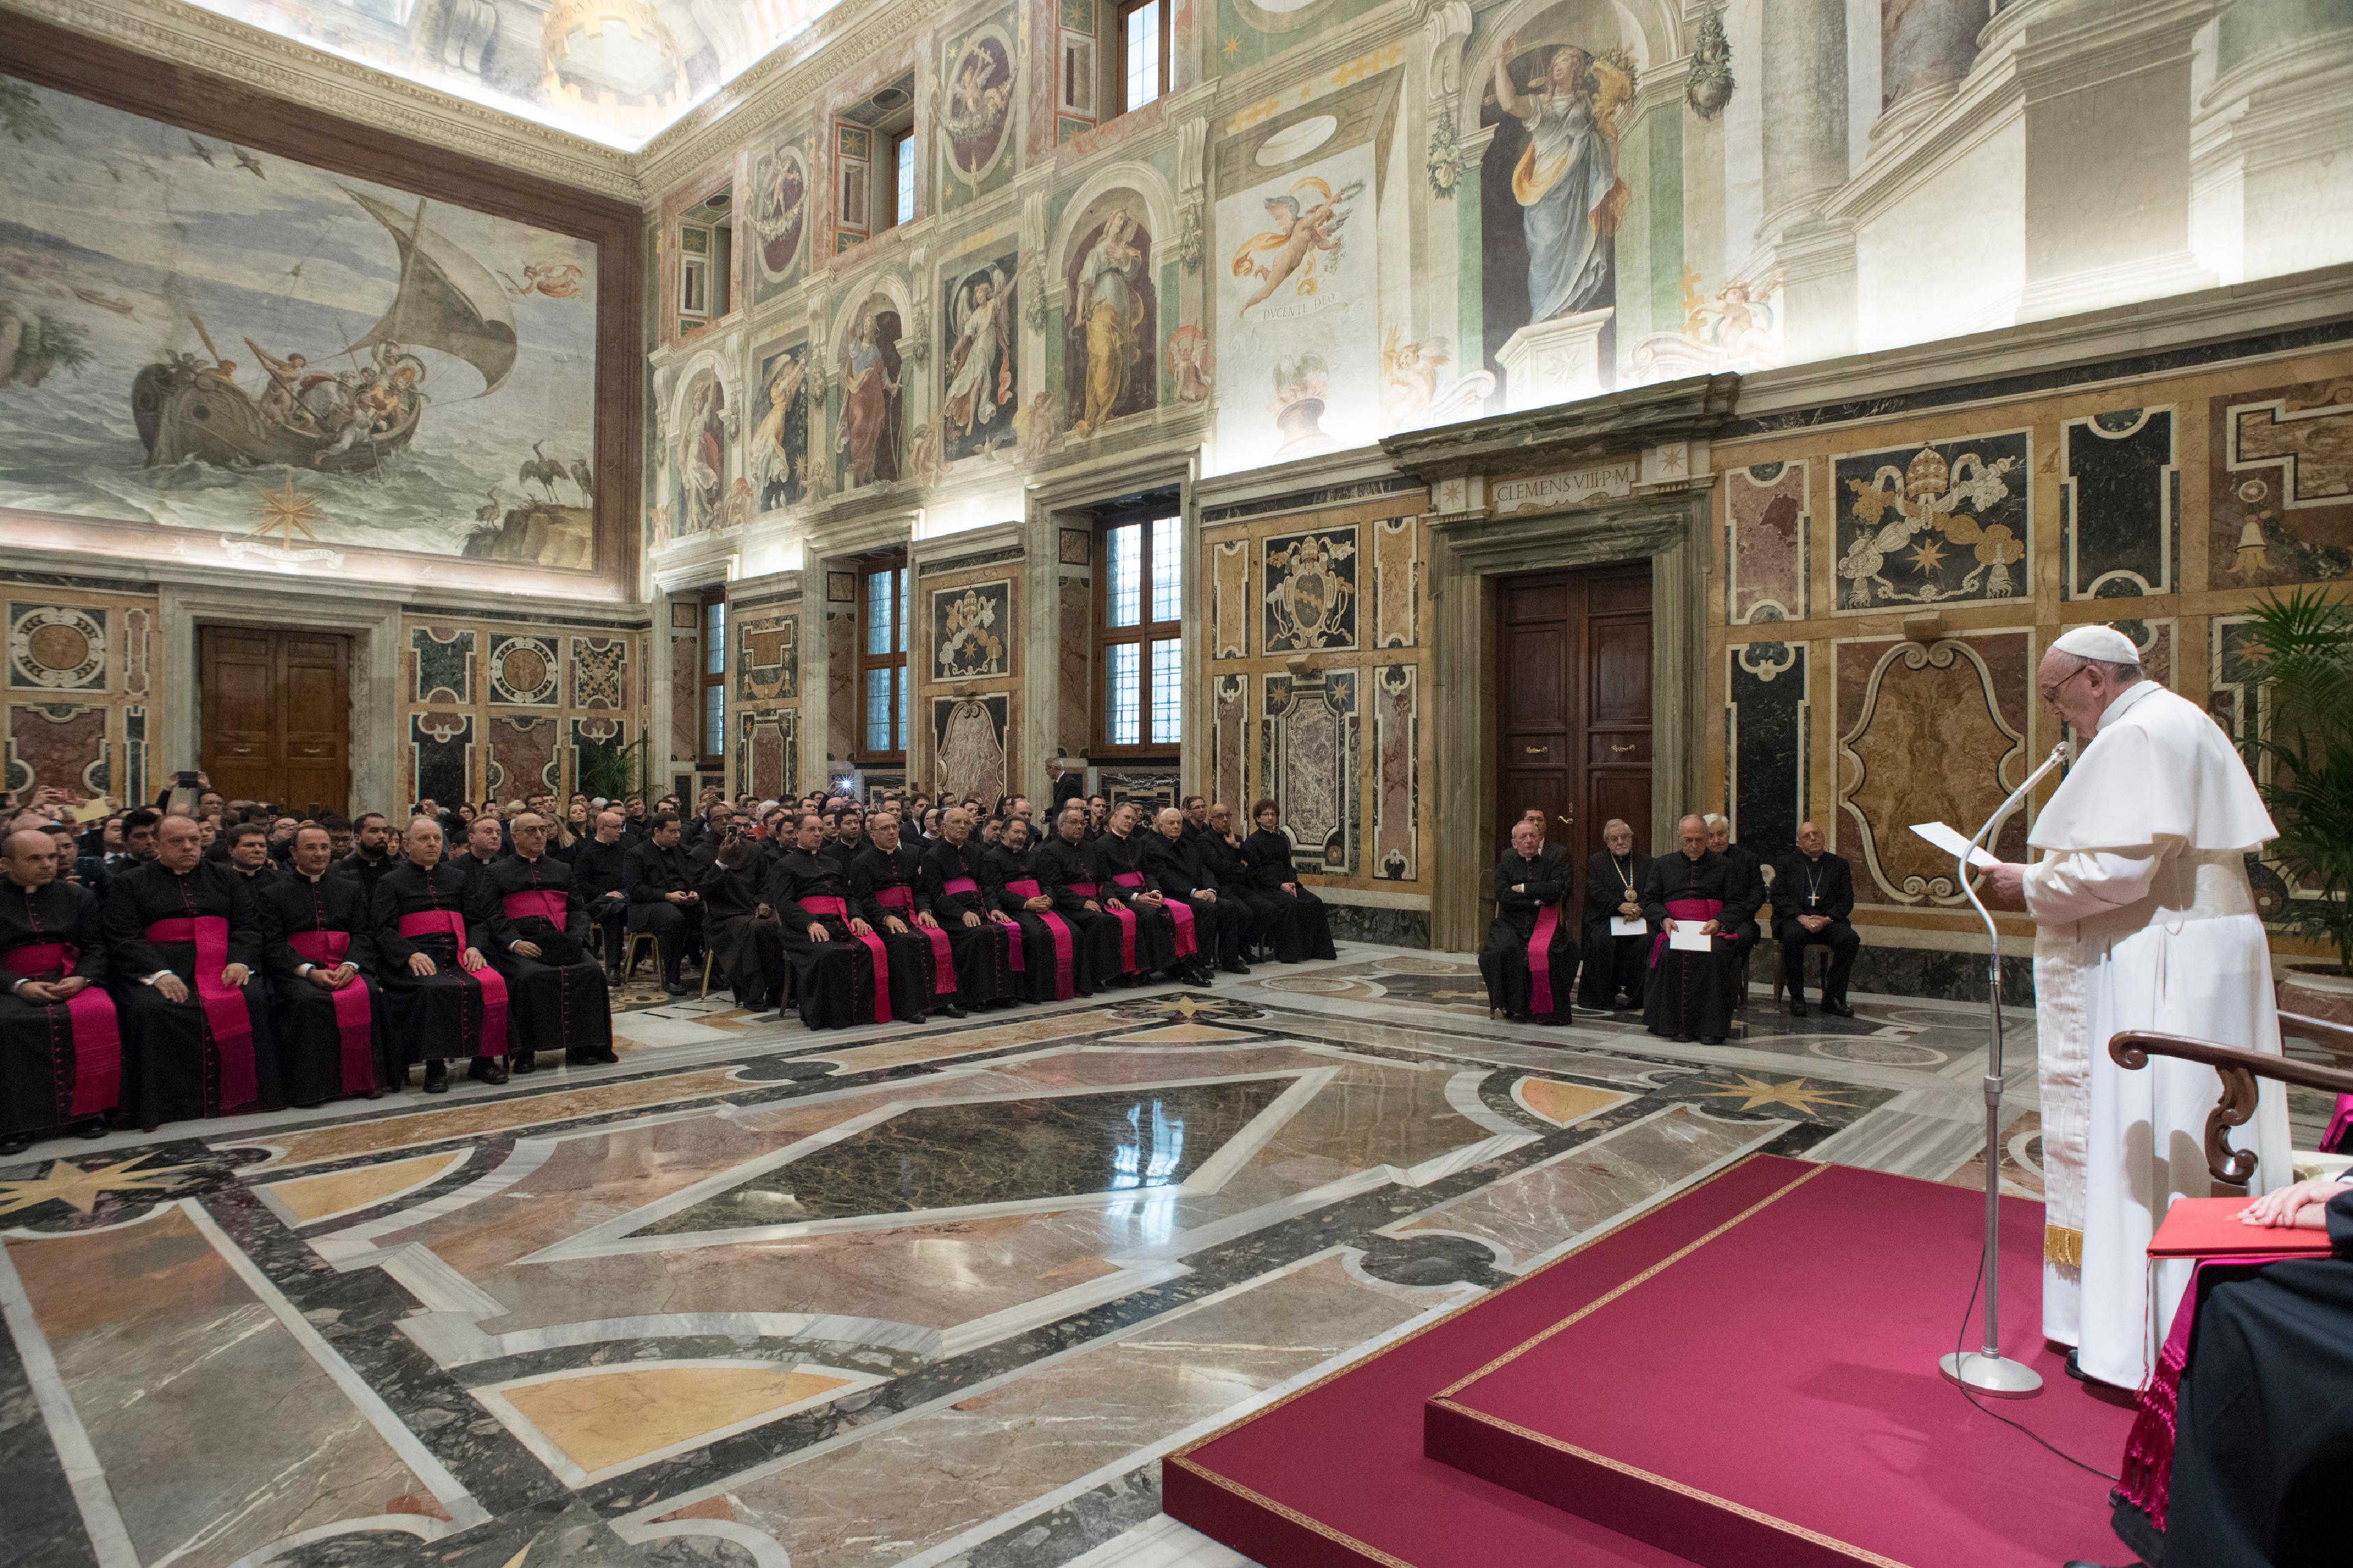 Séminaire de la Rote romaine 25/11/2017 © L'Osservatore Romano